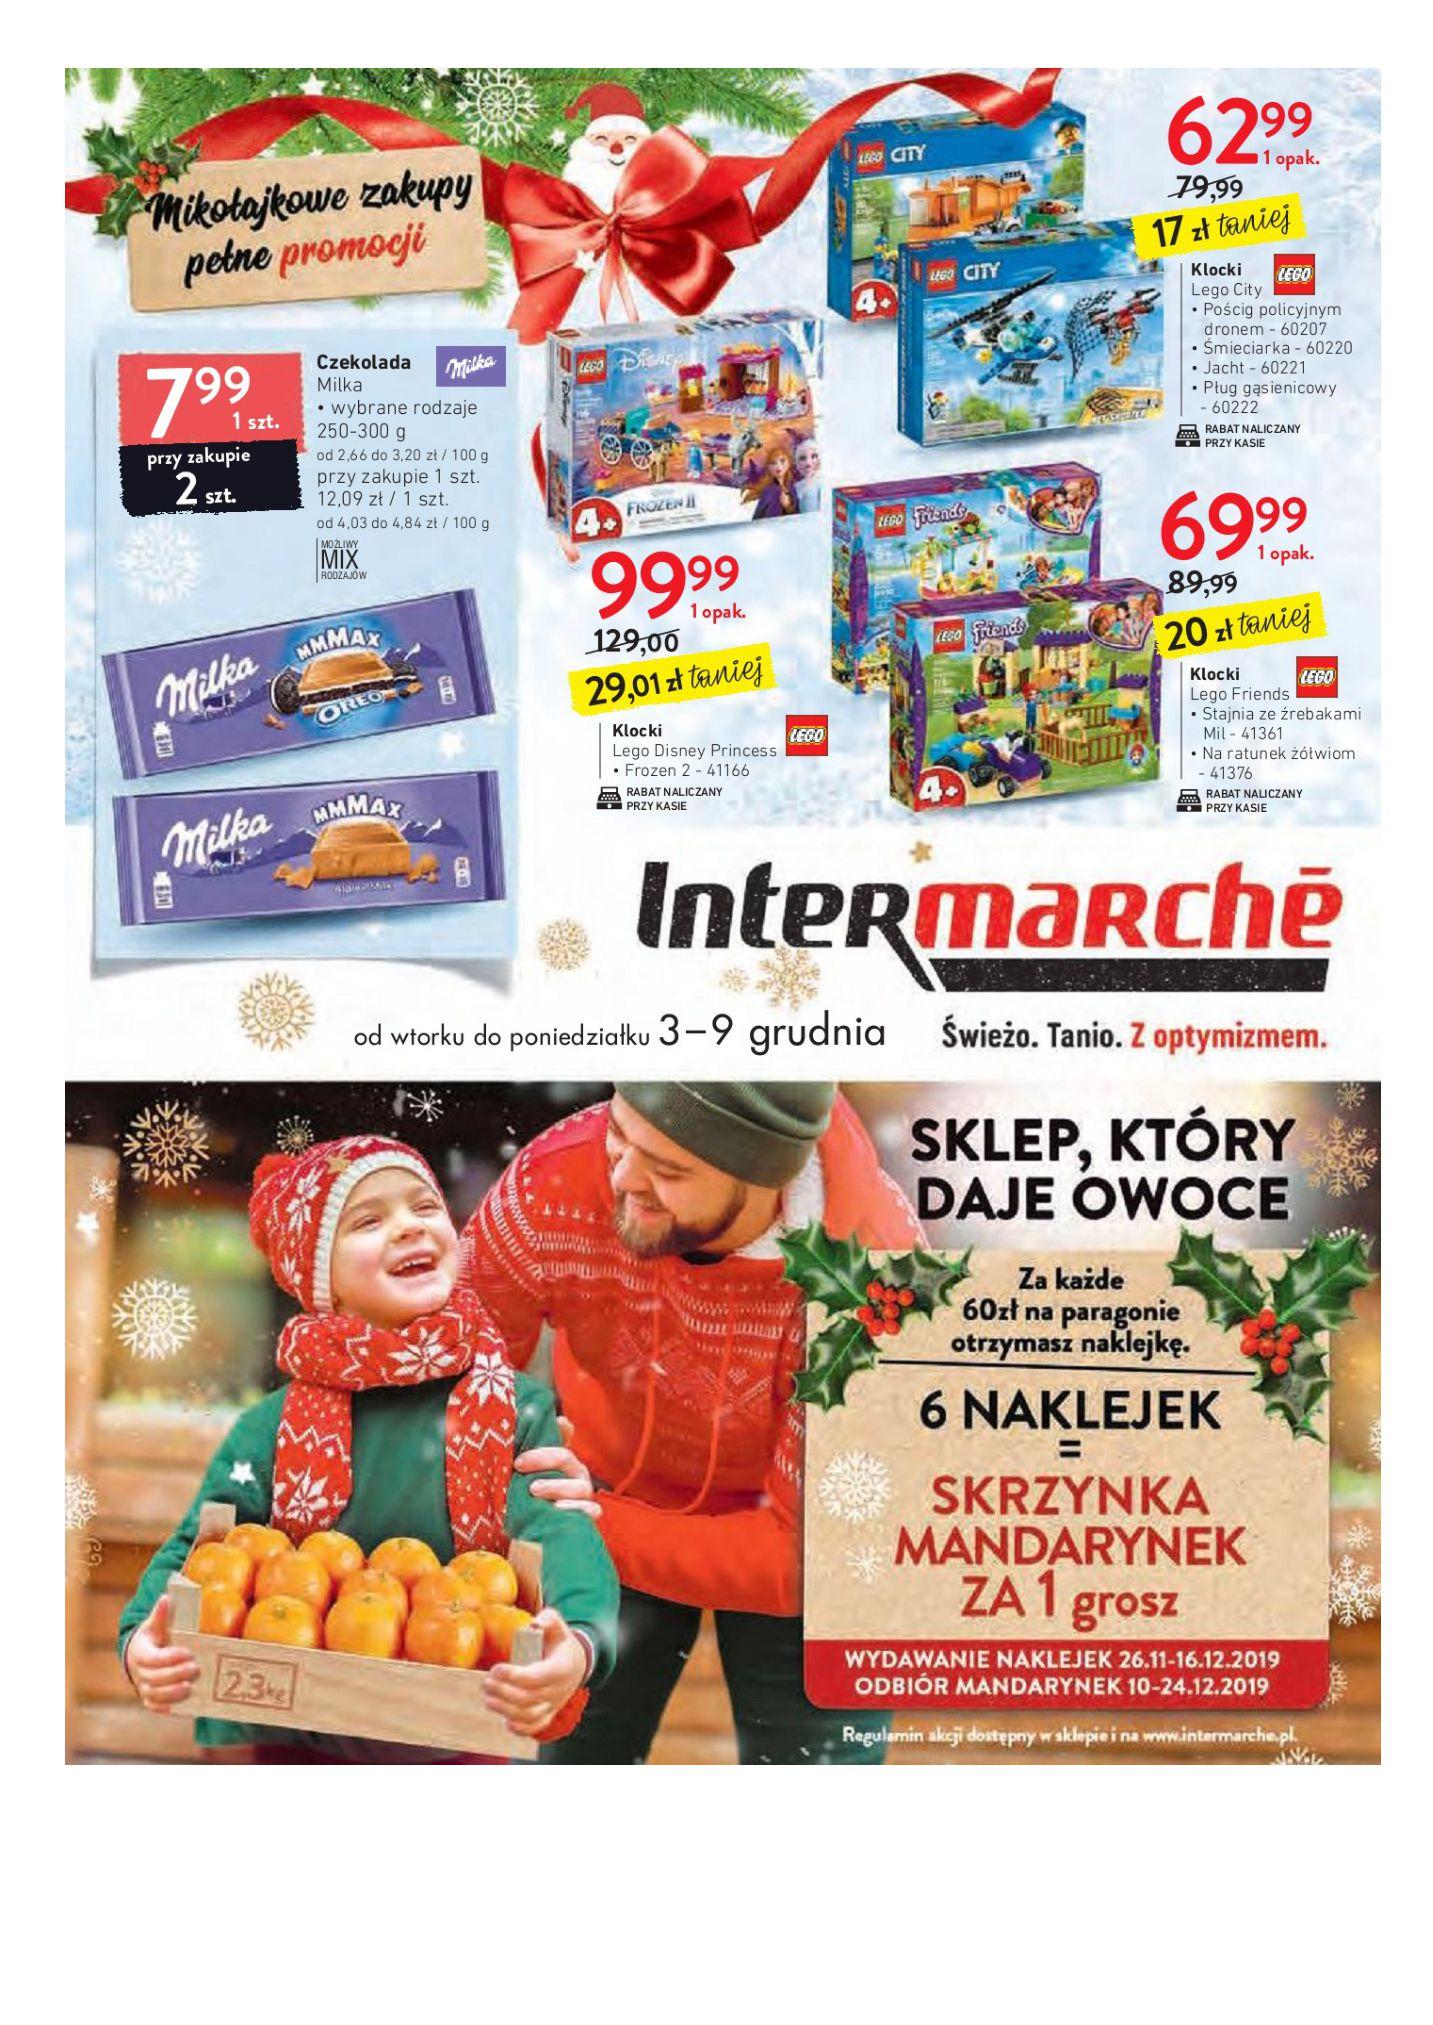 Gazetka Intermarché - Mikołajkowe zakupy pełne promocji-02.12.2019-09.12.2019-page-1